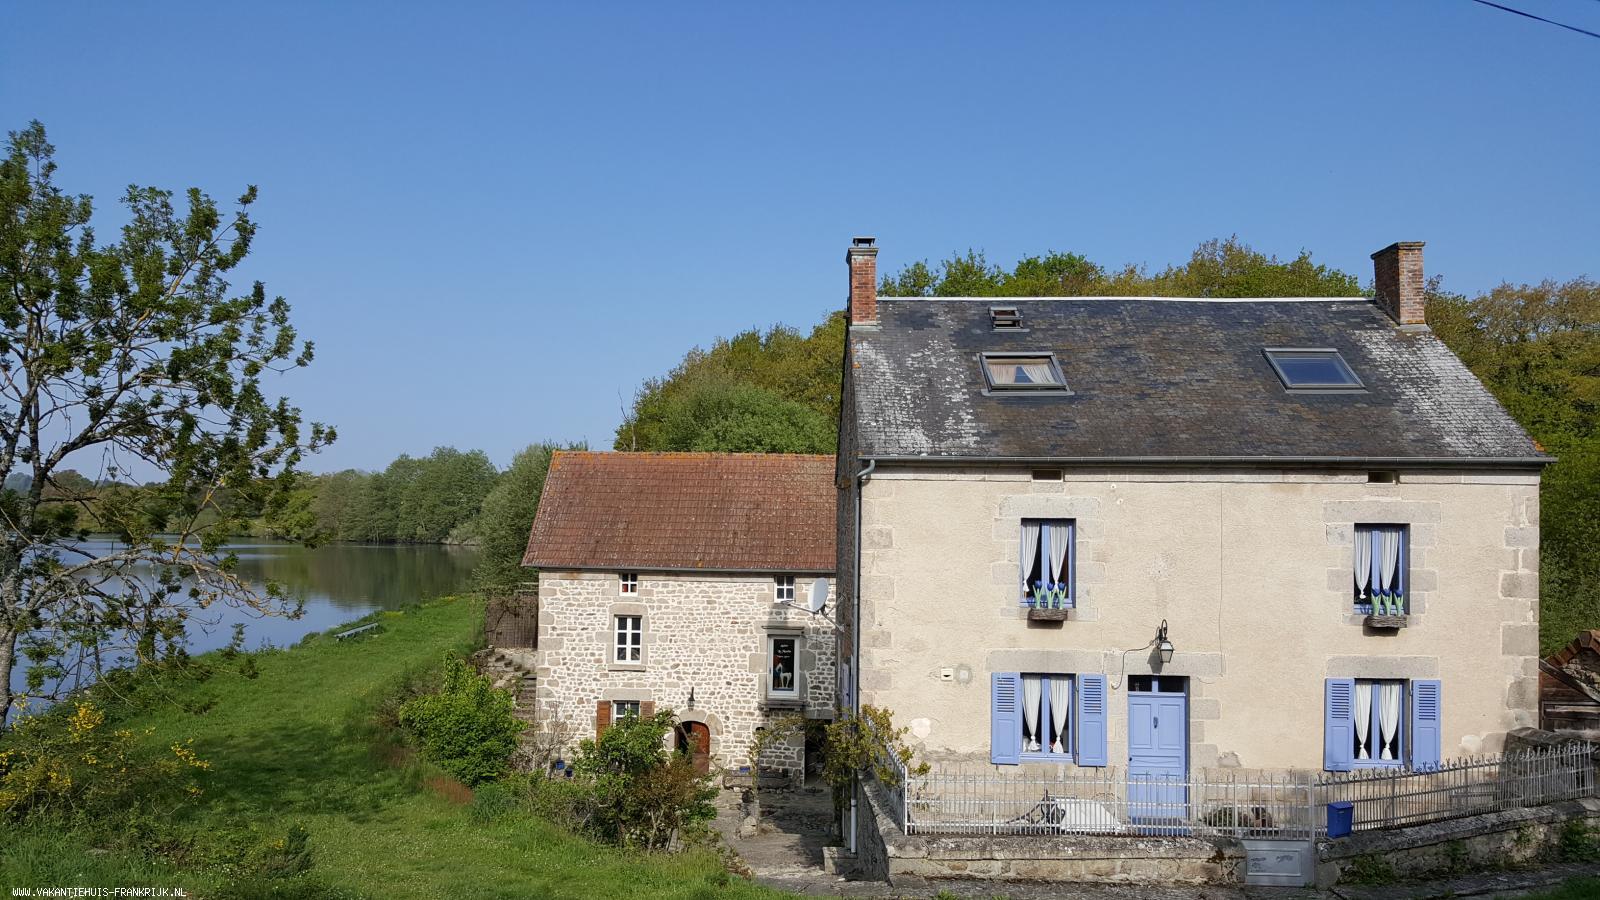 Vakantiehuis: Te huur: grote vakantiewoning aan een meer in de Creuse, midden in de natuur! Maximaal 12 personen, zeer geschikt voor familie- en groepsvakanties. te huur voor uw vakantie in Creuse (Frankrijk)